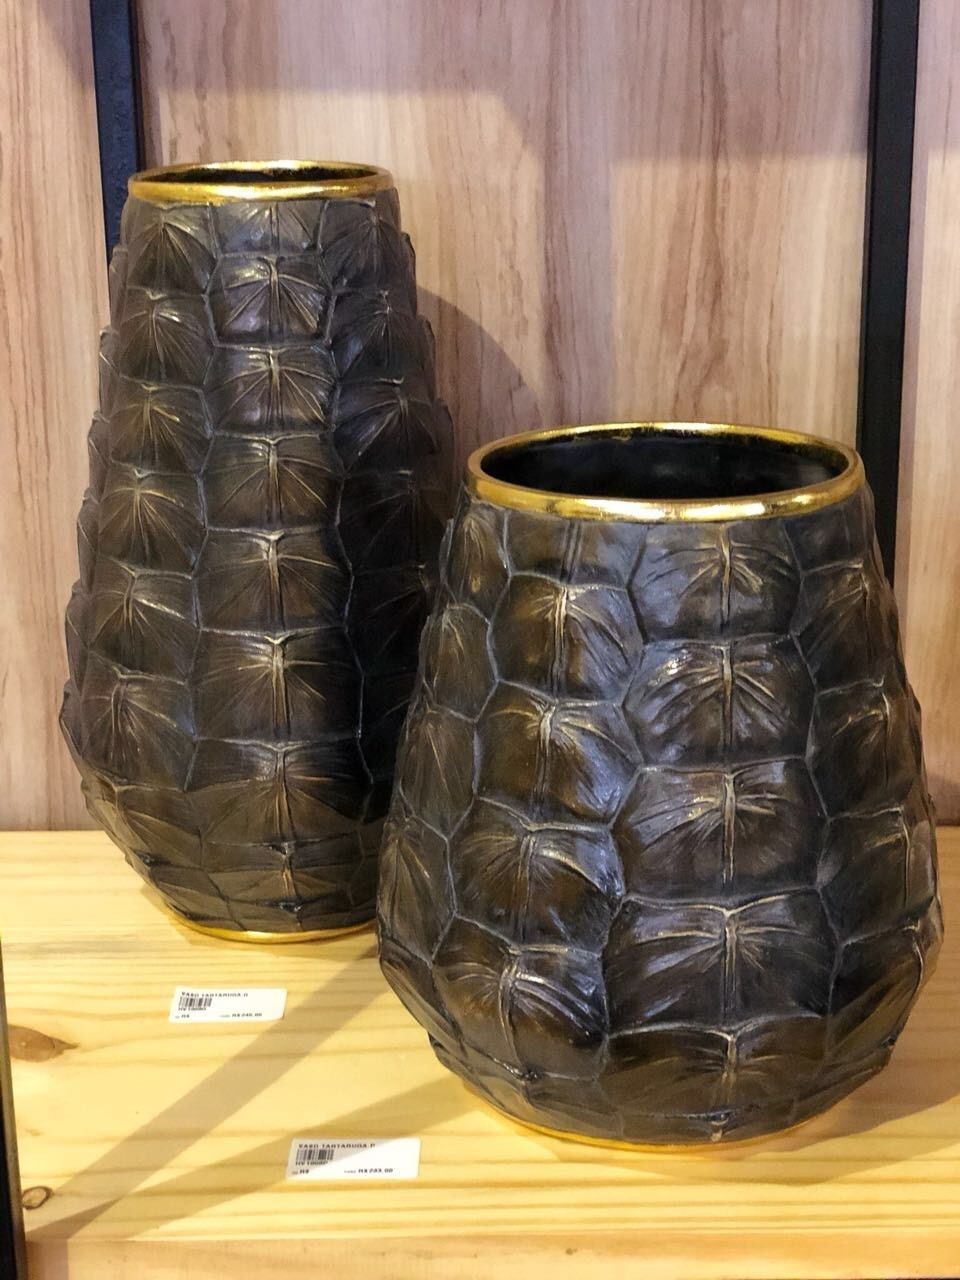 Vaso Decorativo Em Resina Estilo Couro De Tartaruga 26 X 23 X 23  - Arrivo Mobile